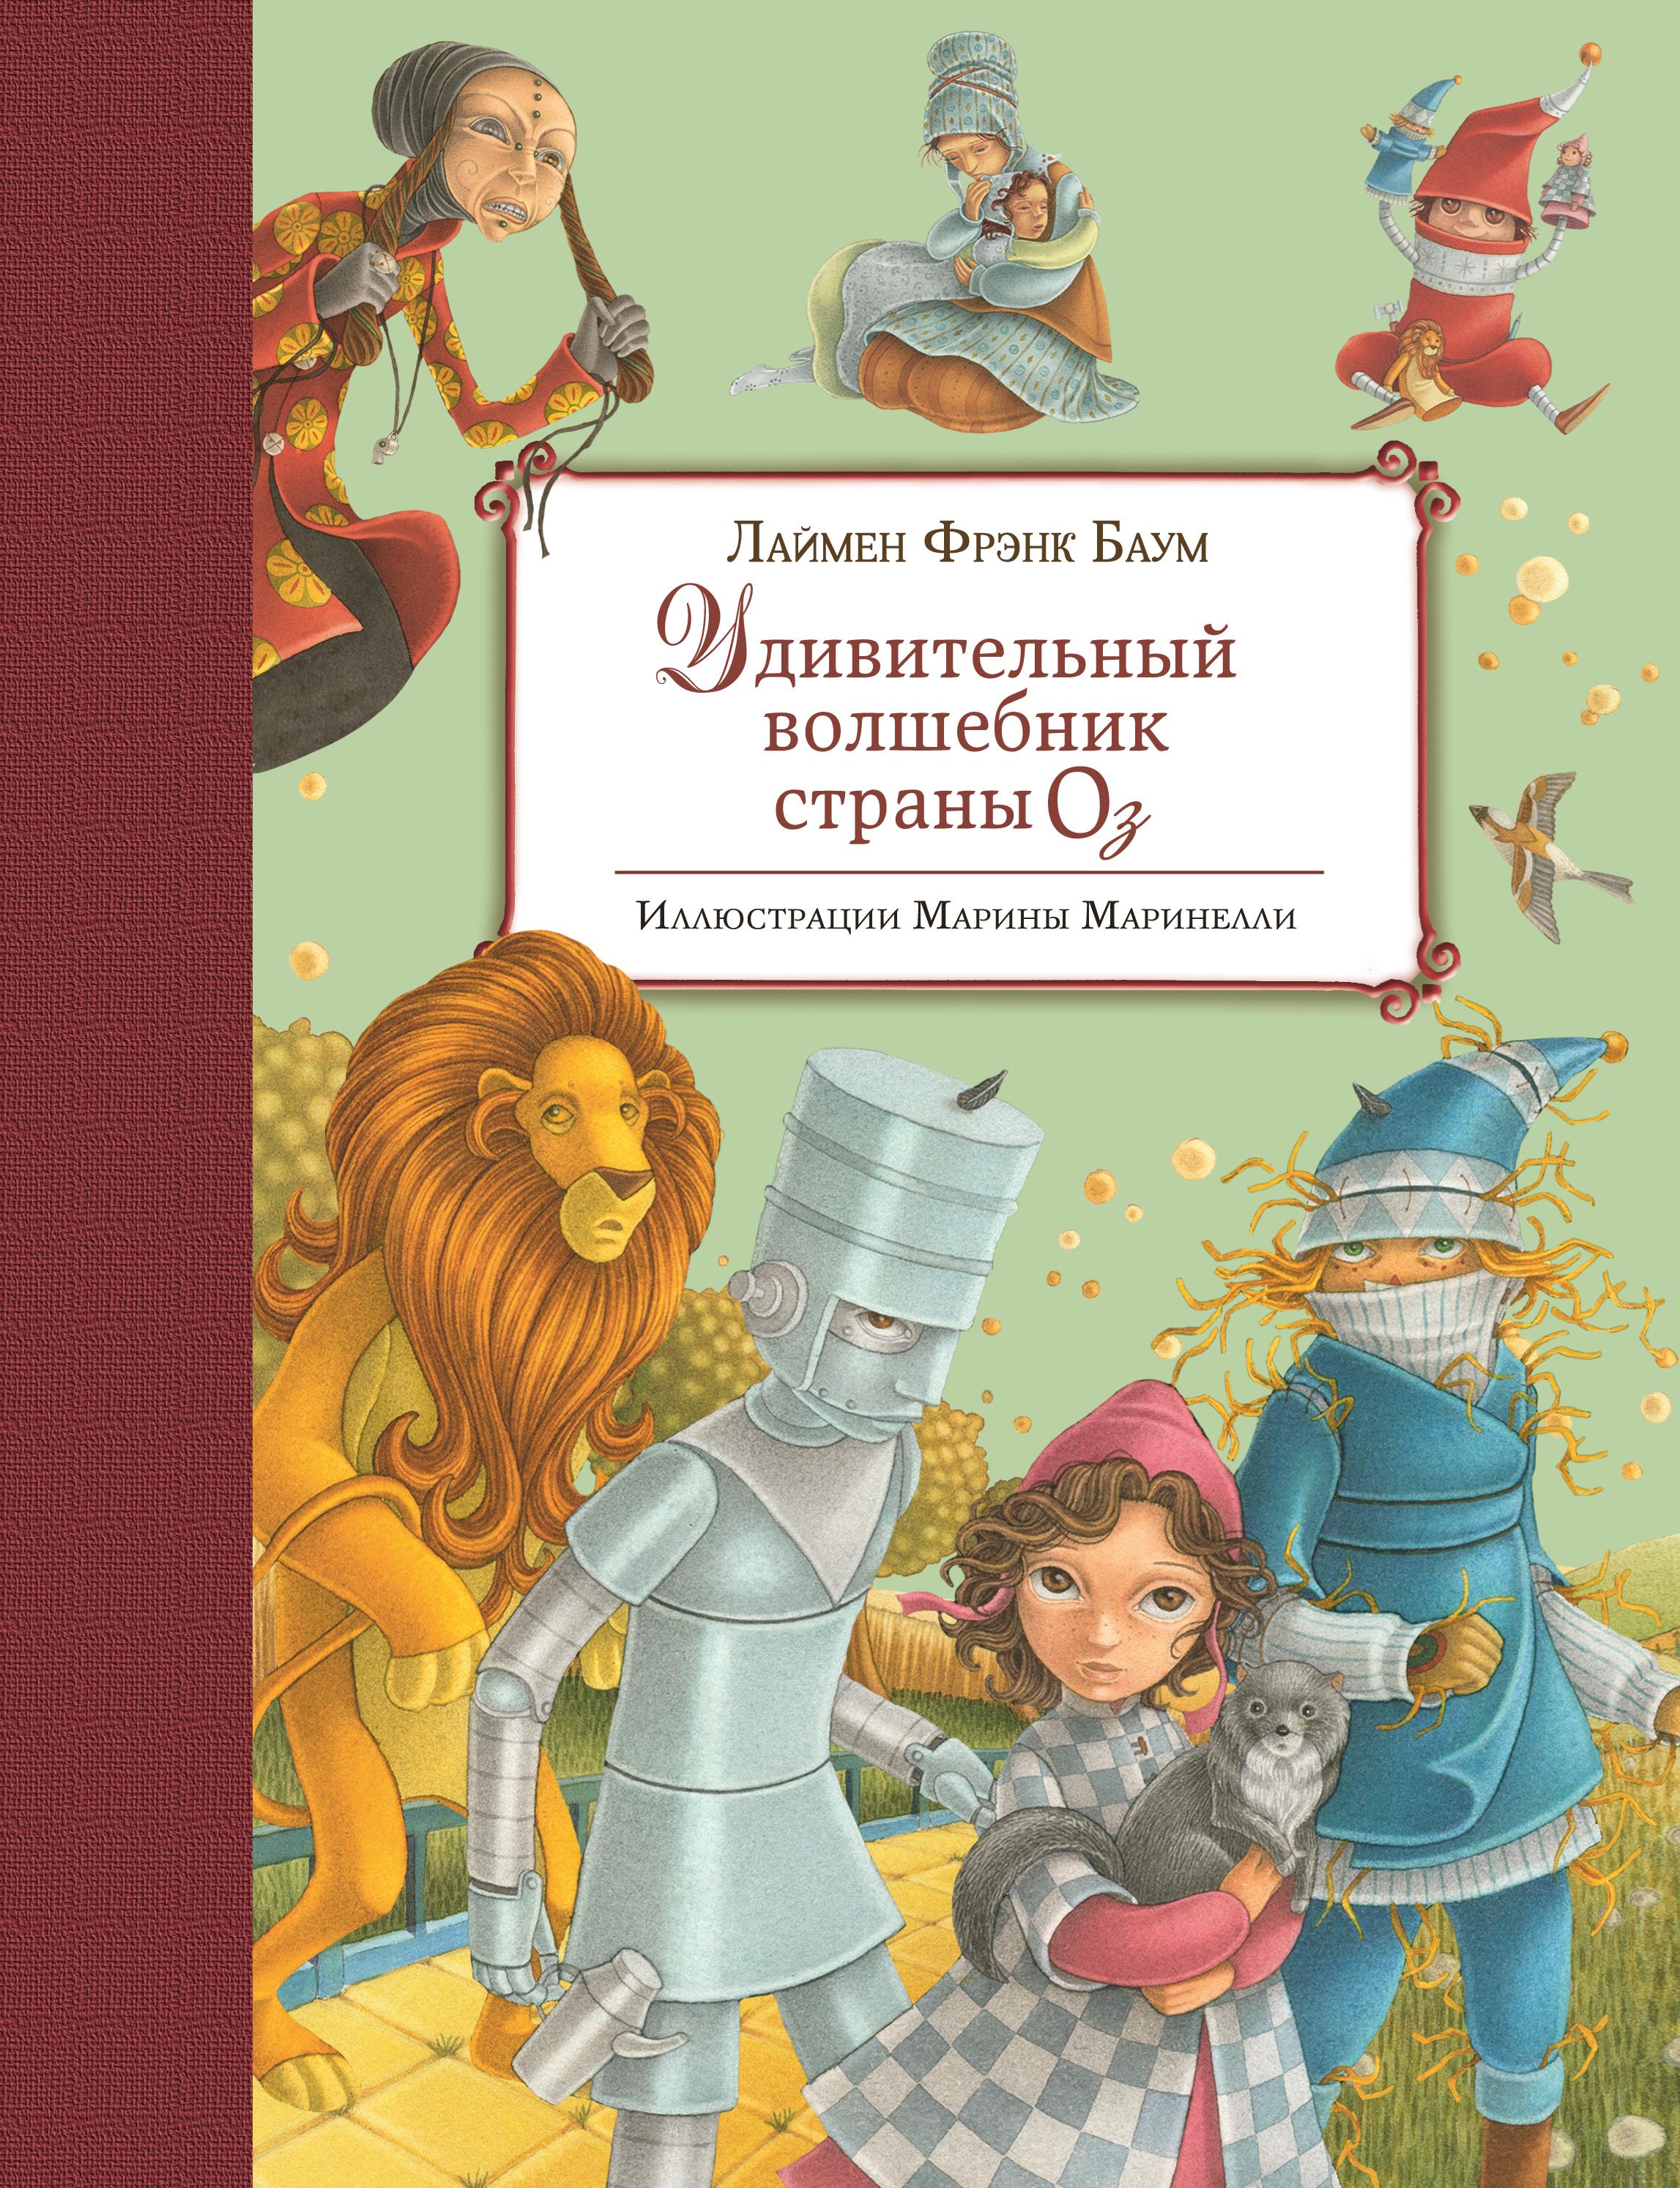 Волшебник страны оз книги скачать